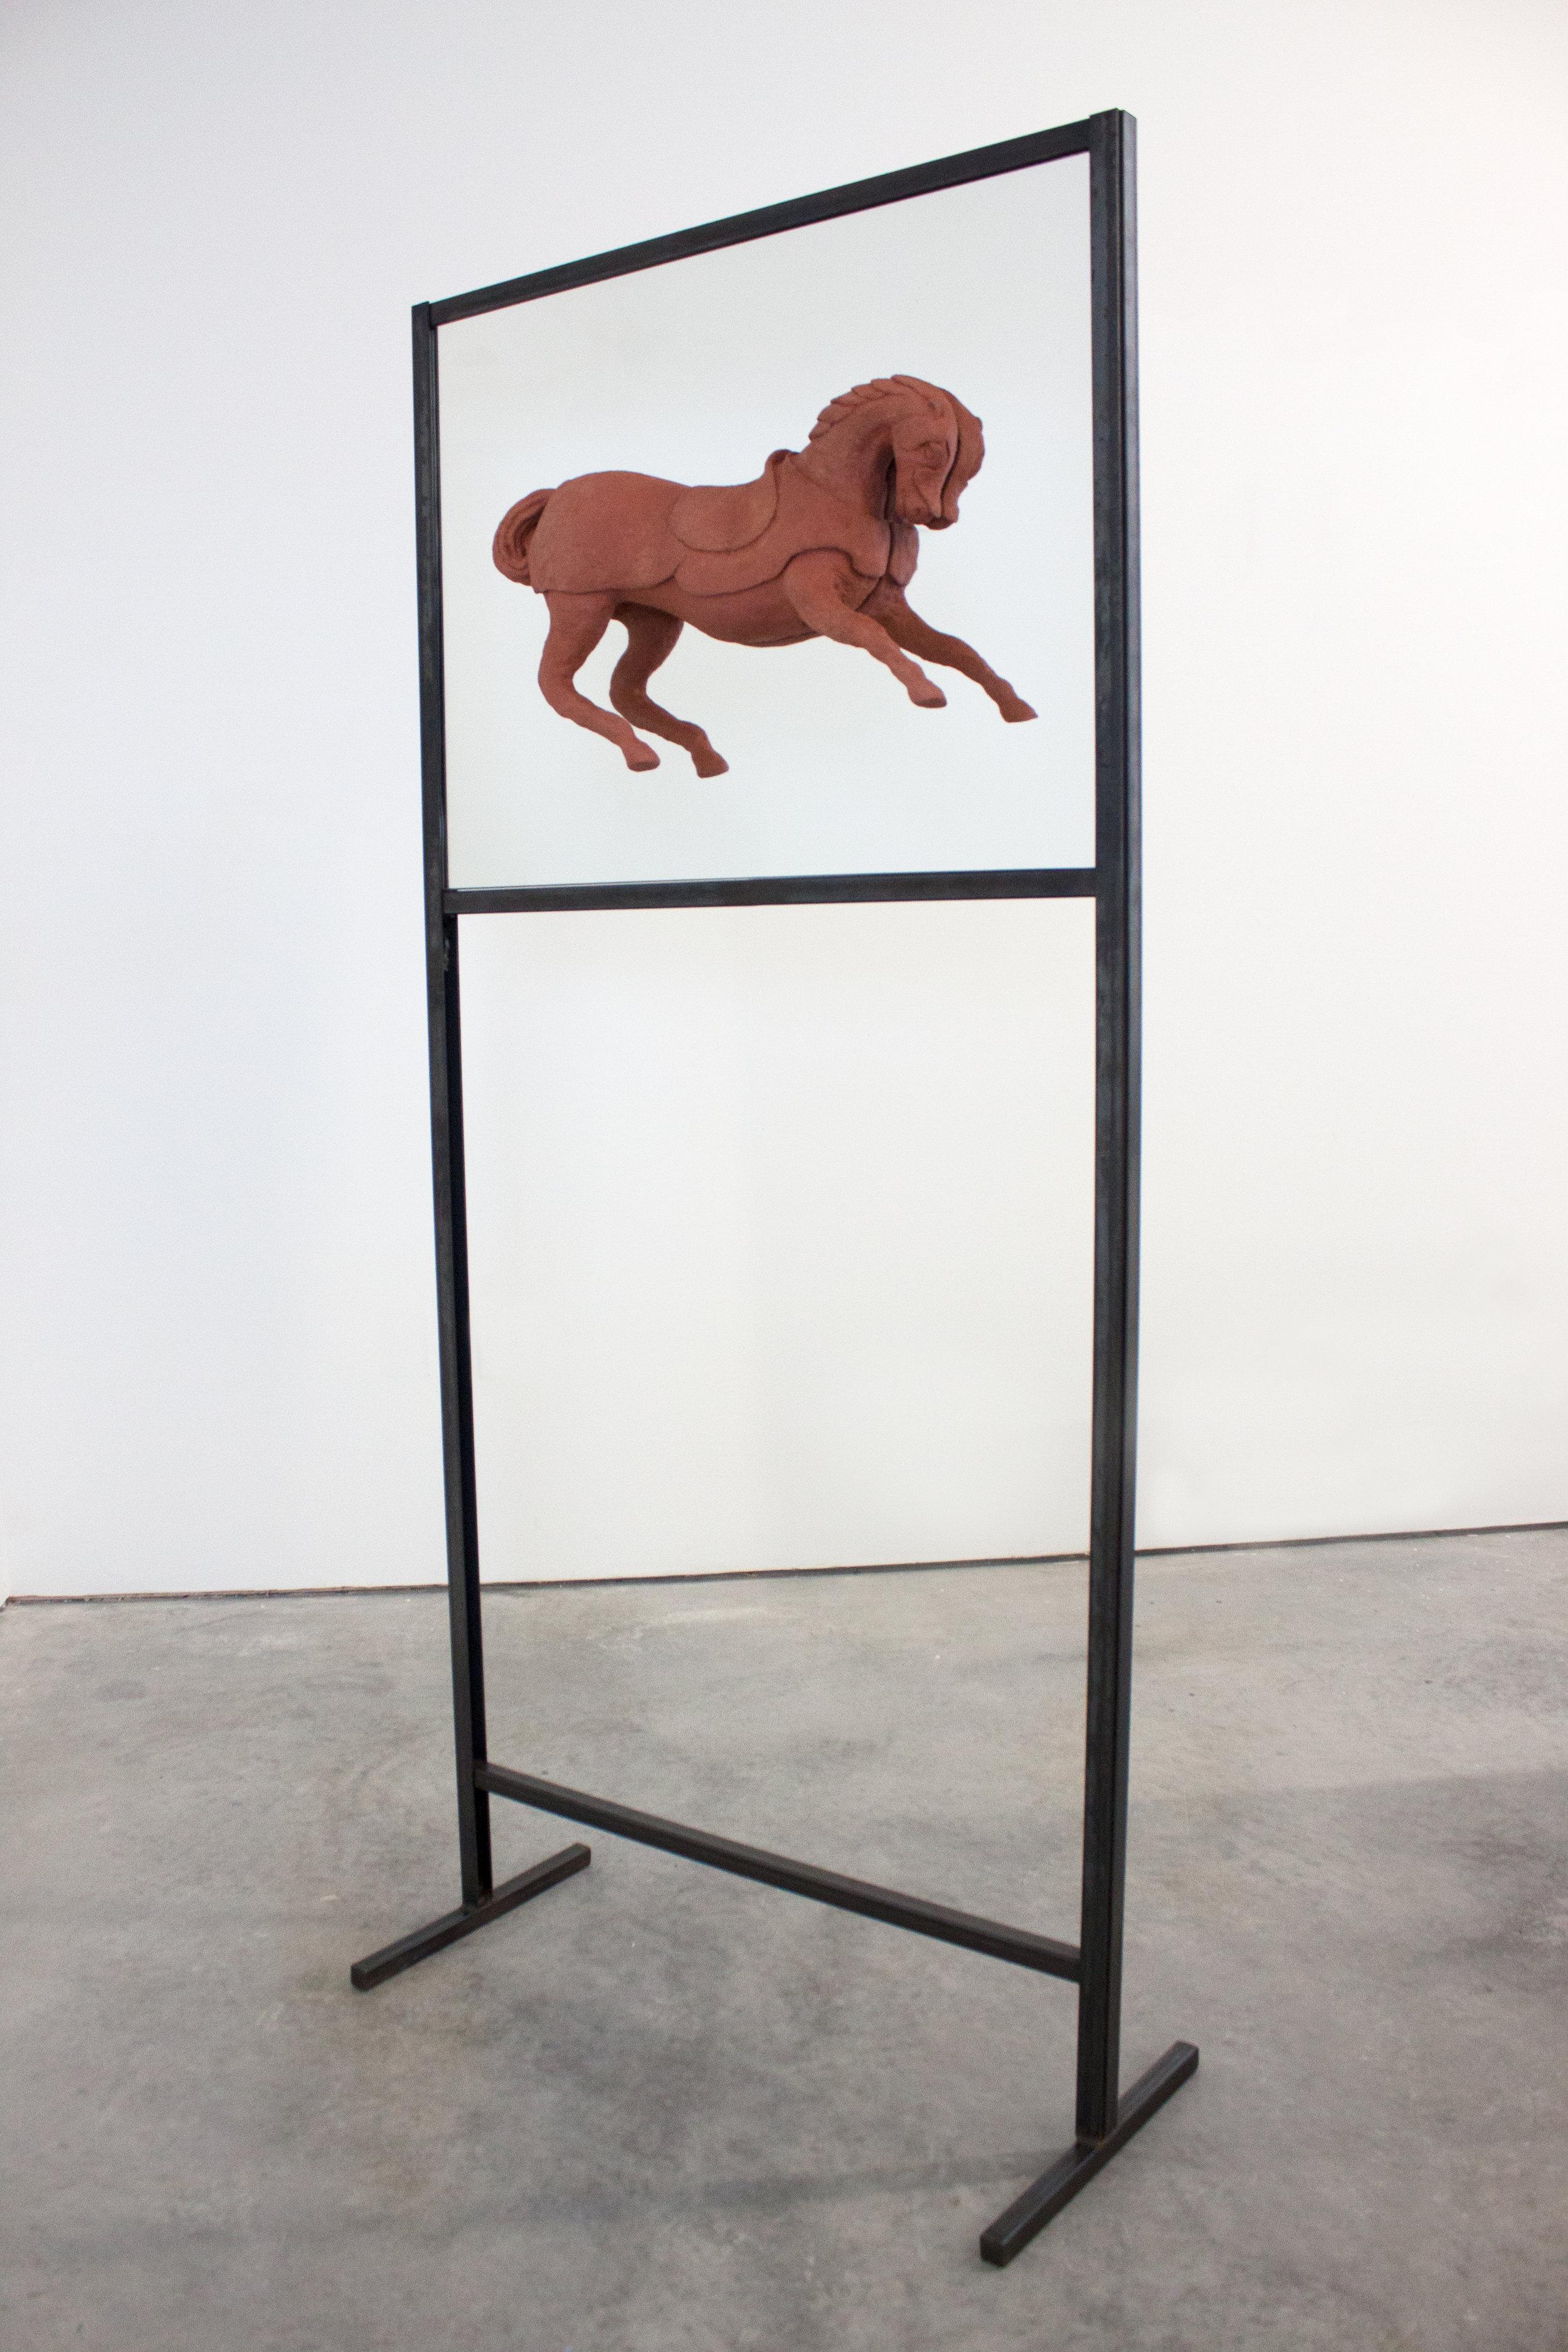 RodgersChris_Candidacy_Horse&Rider_1.jpg